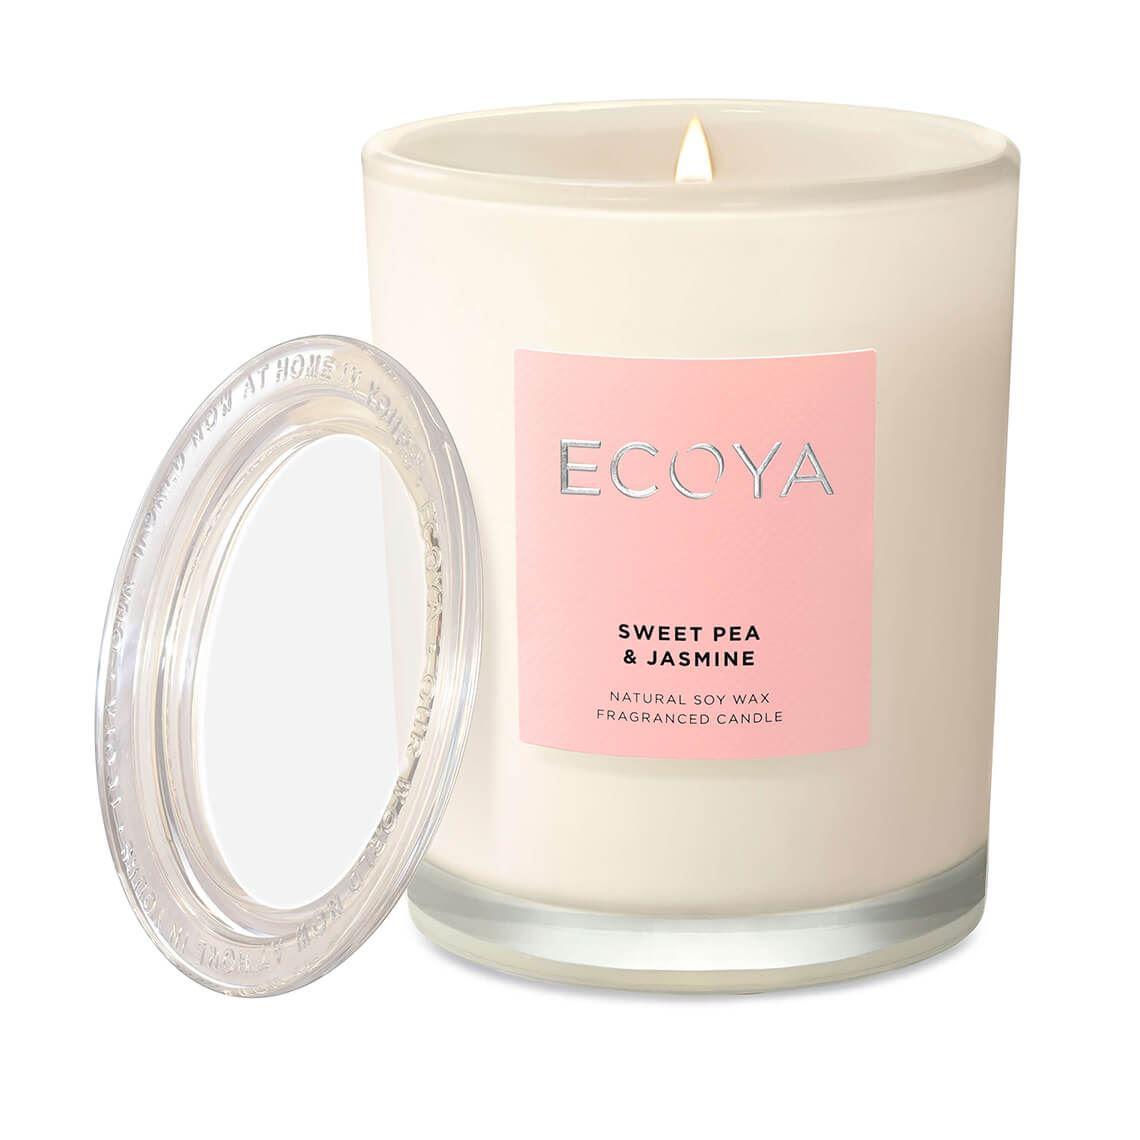 Ecoya Metro Jar Sweet Pea & Jasmine Size W 8cm x D 8cm x H 11cm in Sweet Pea/Jasmine Freedom